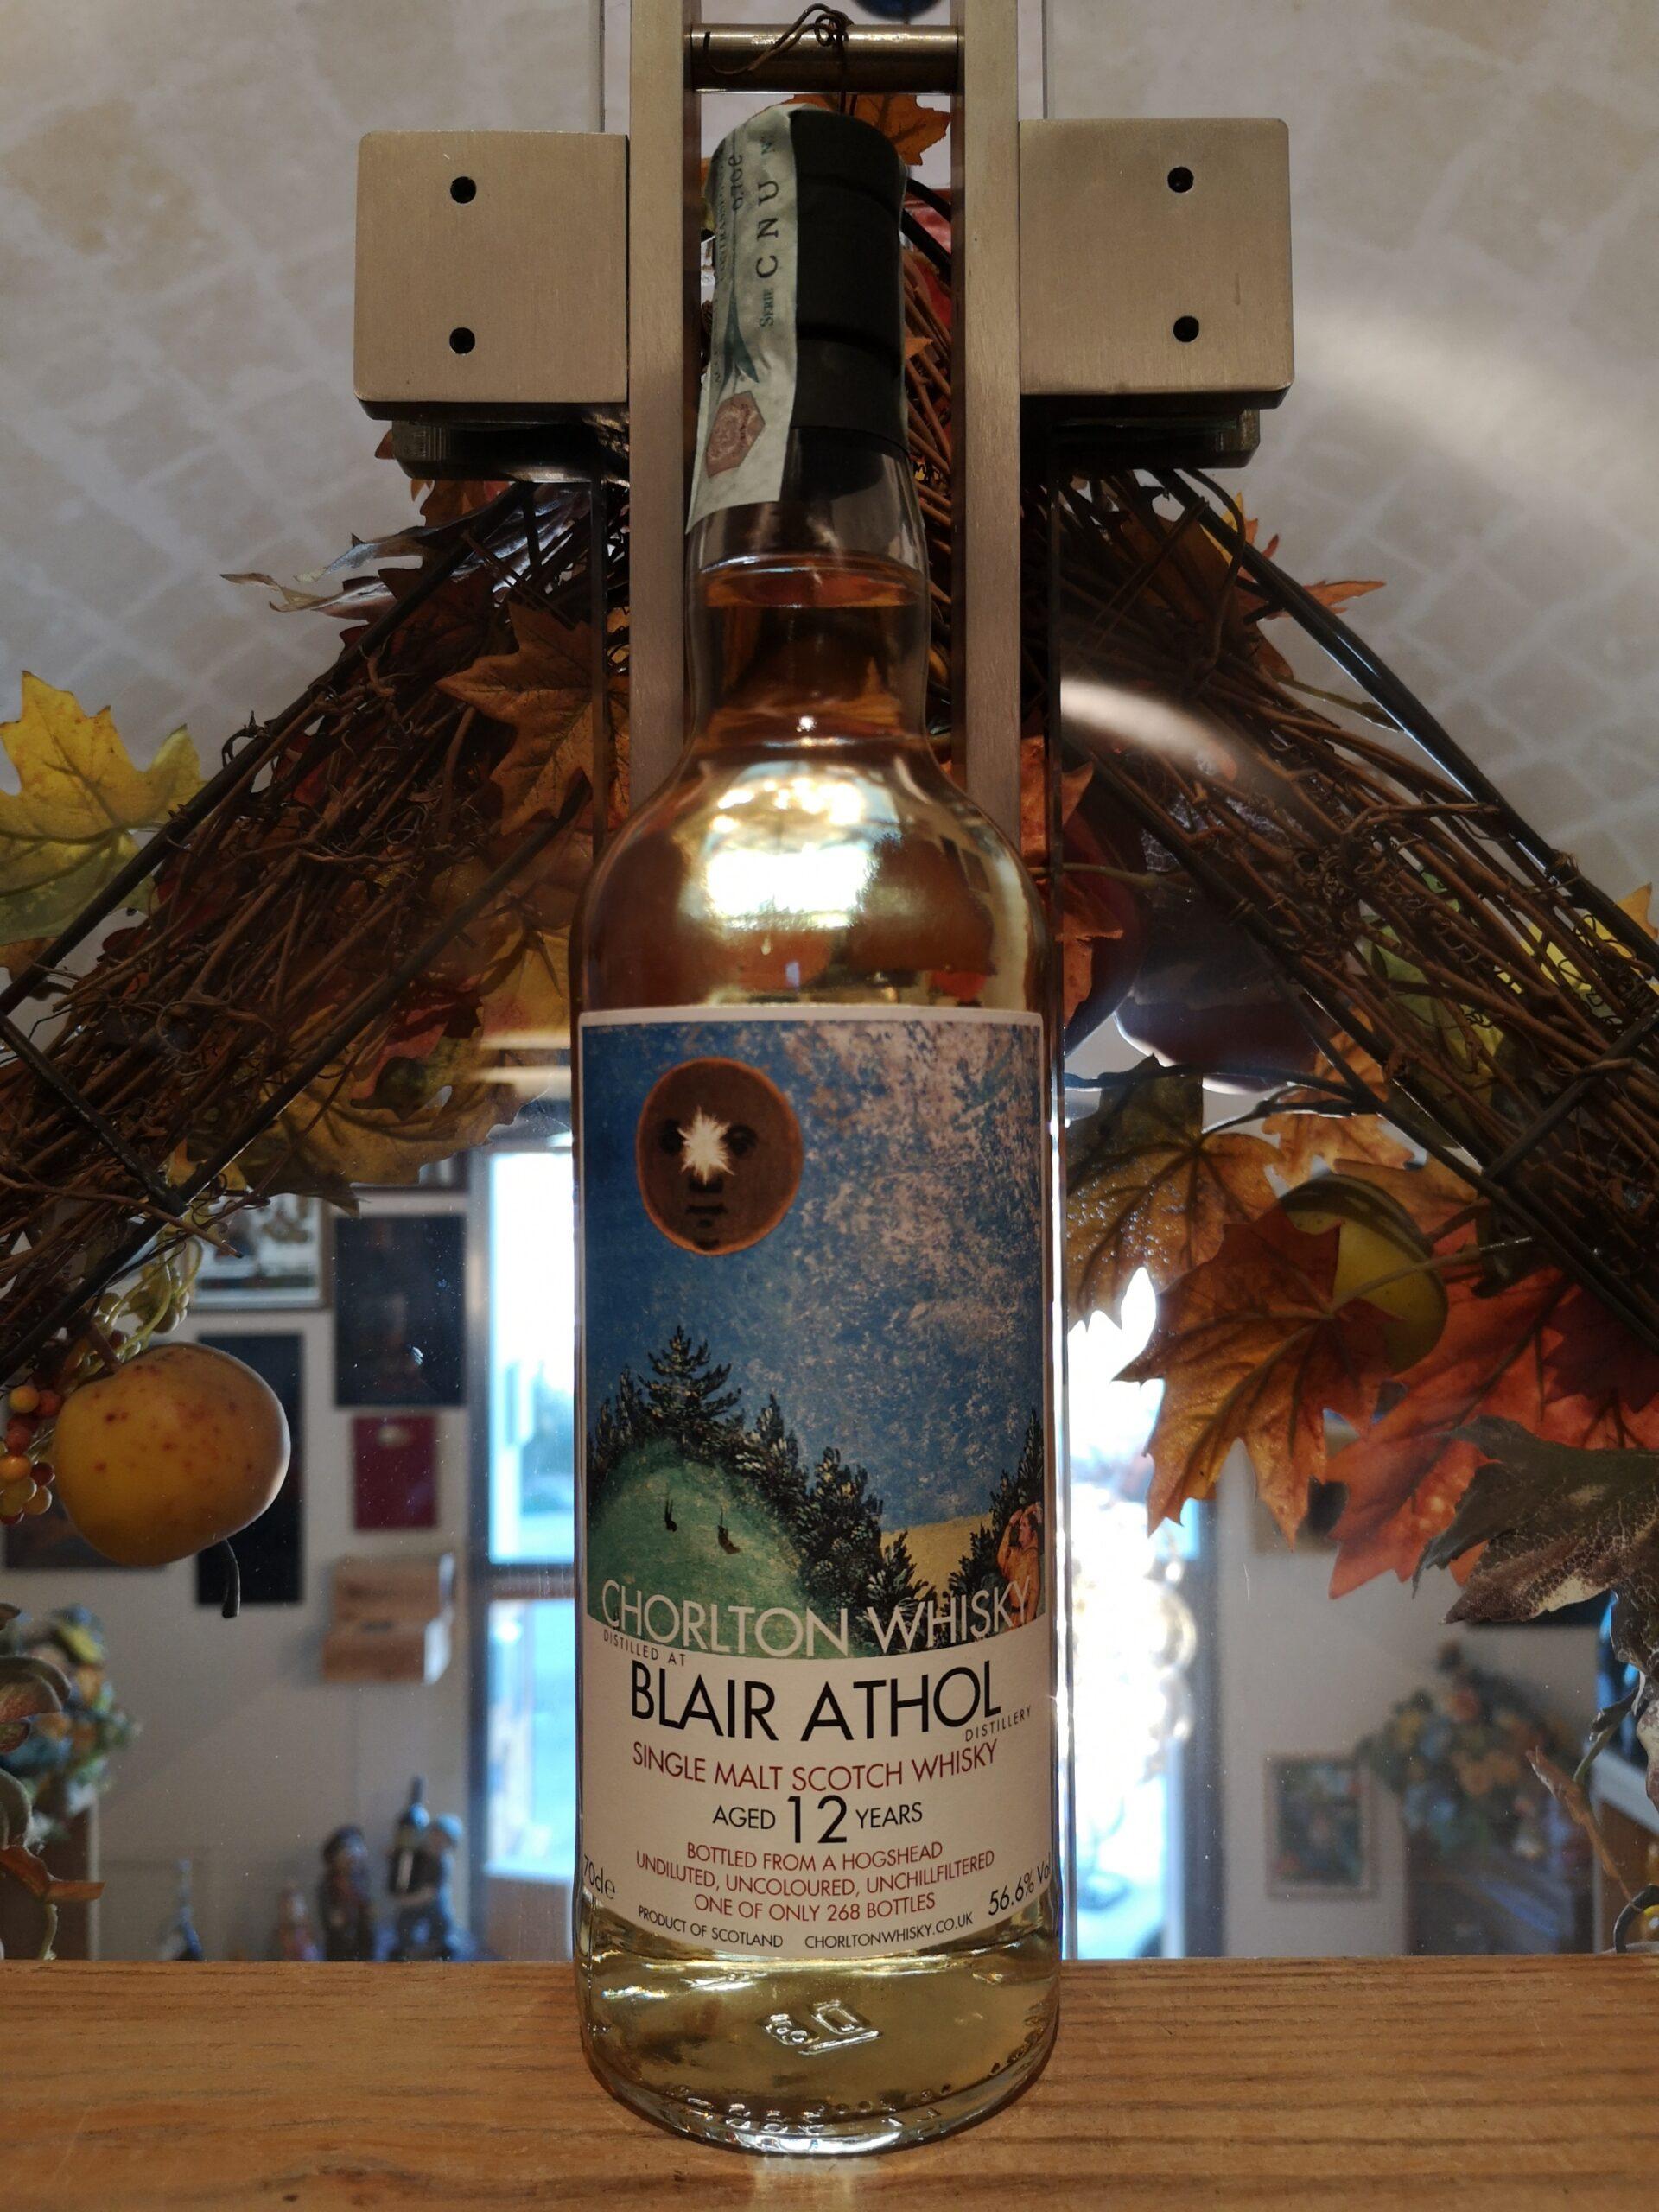 Chorlton Whisky Blair Athol 2007 12 YO